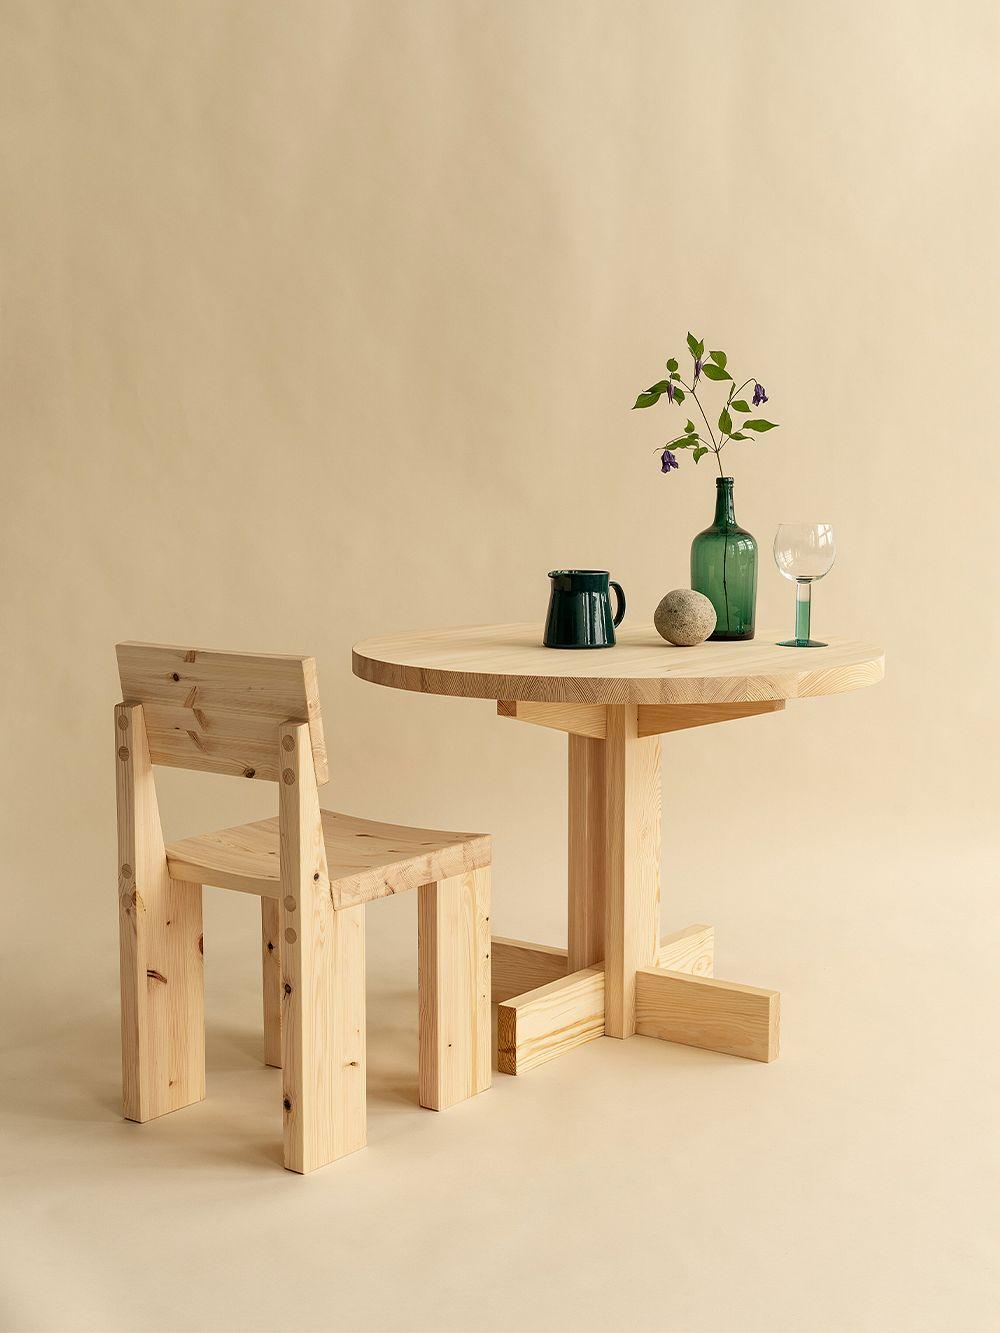 Vaarnii 001 ruokapöydän tuoli, mänty